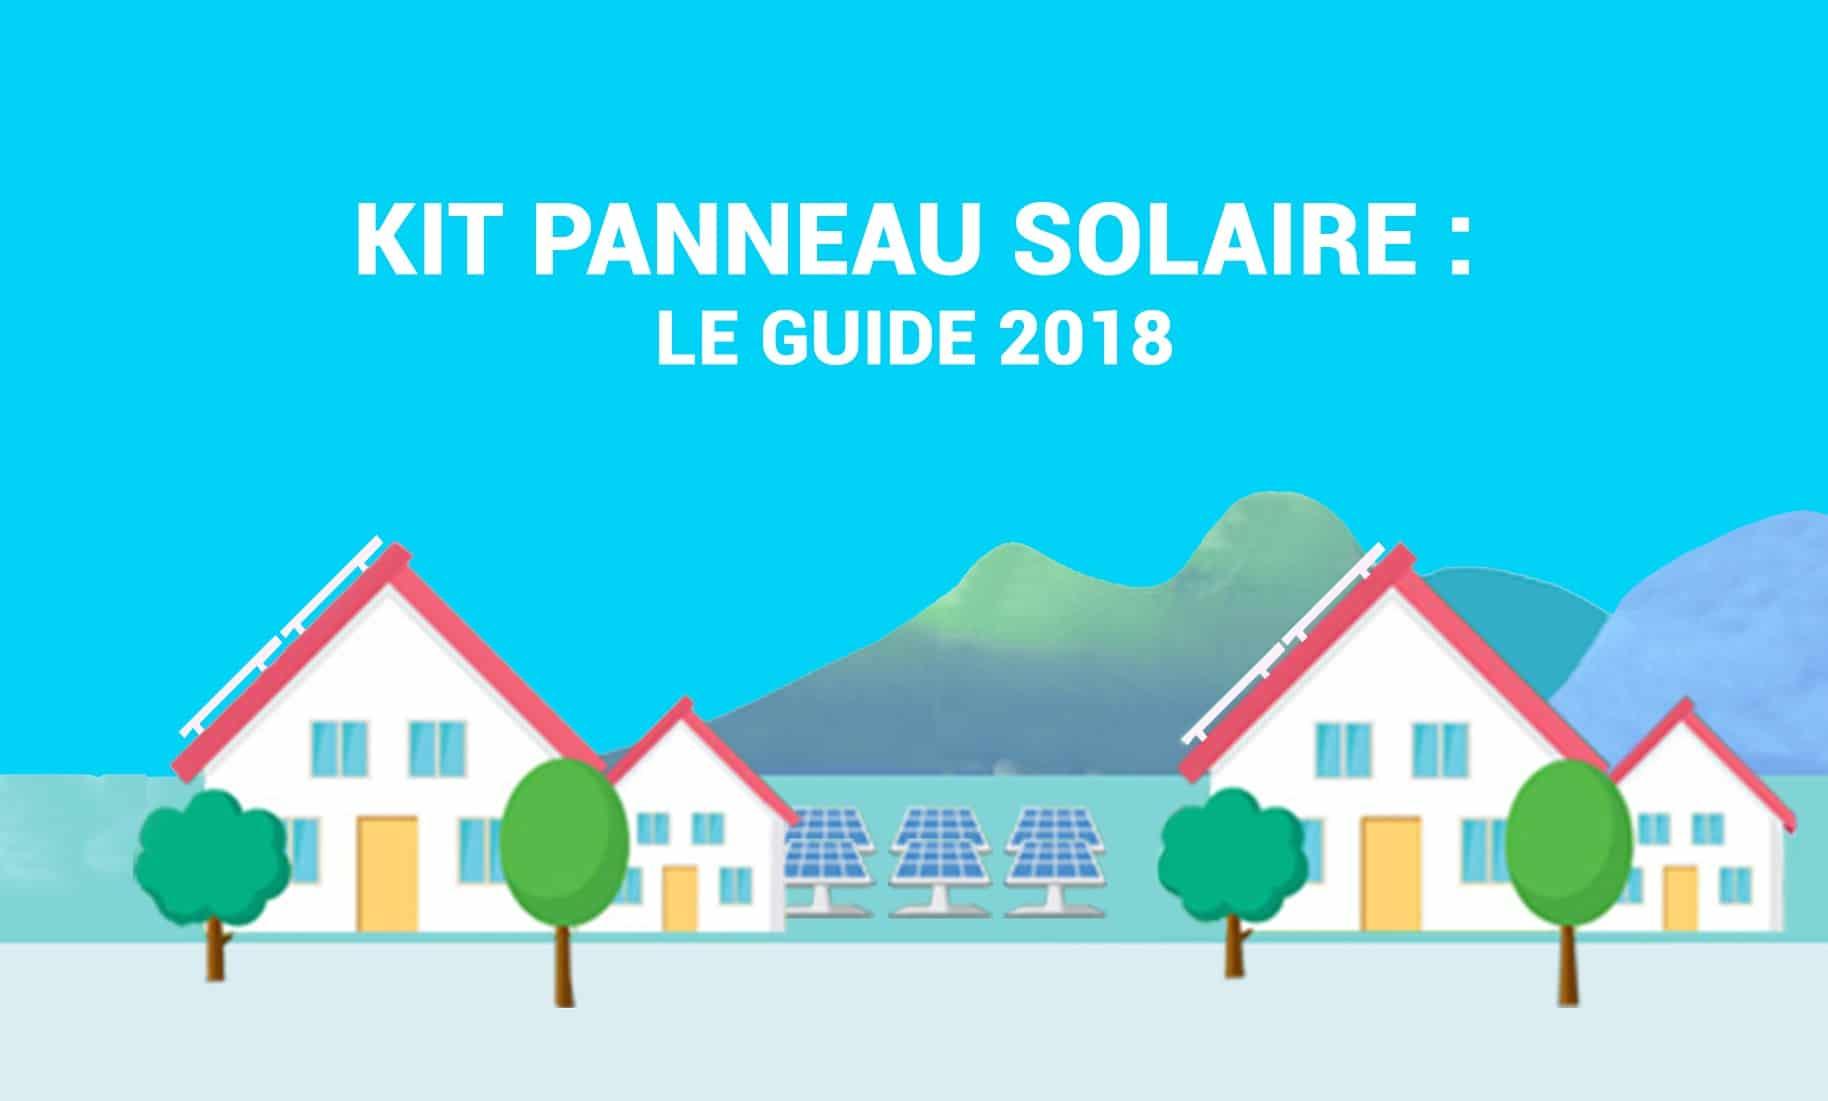 kit panneau solaire le guide de r f rence 2018. Black Bedroom Furniture Sets. Home Design Ideas